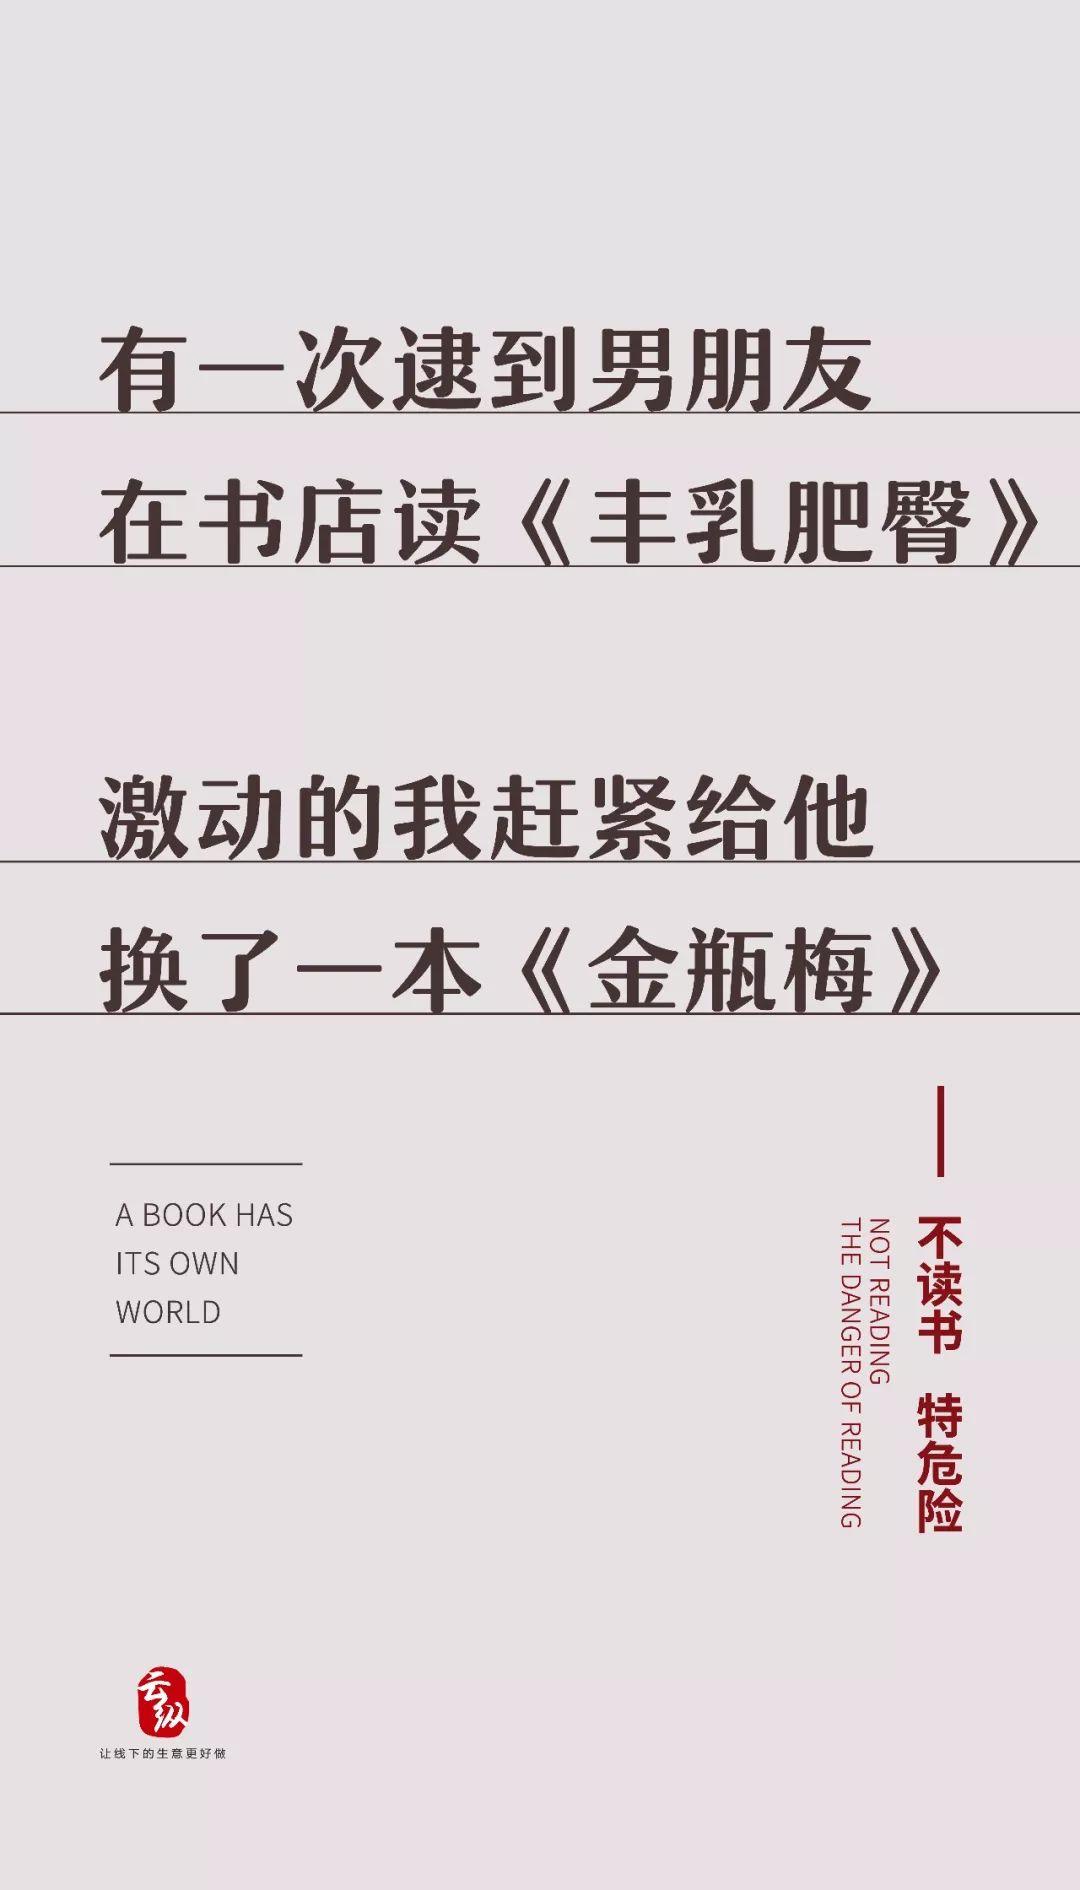 世界读书日文案海报欣赏:别给自己的懒惰找借口!插图2